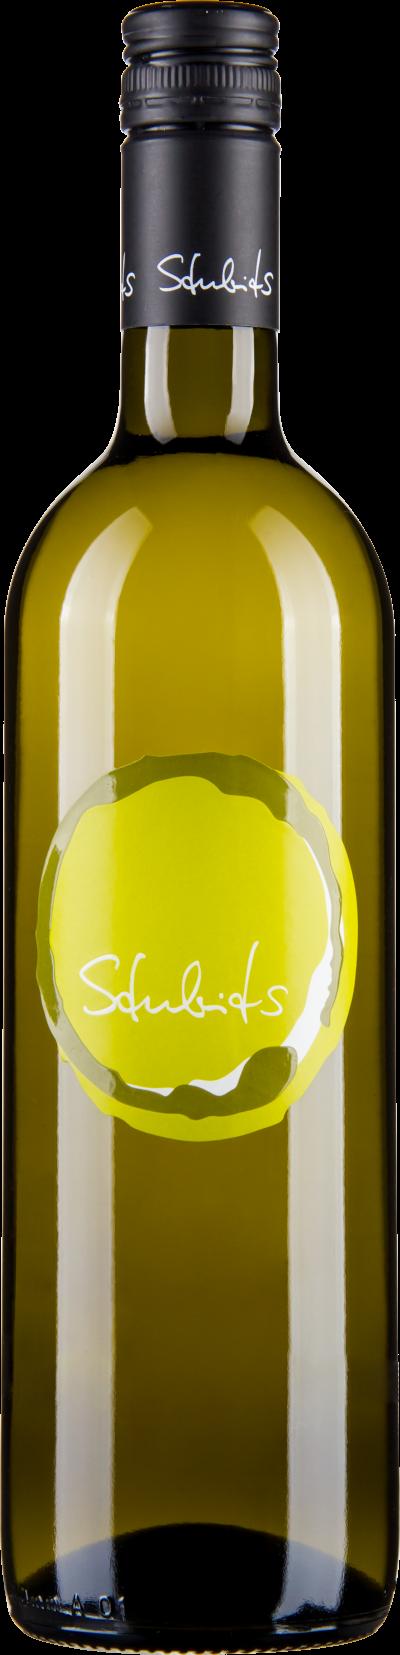 Stubits - Chardonnay